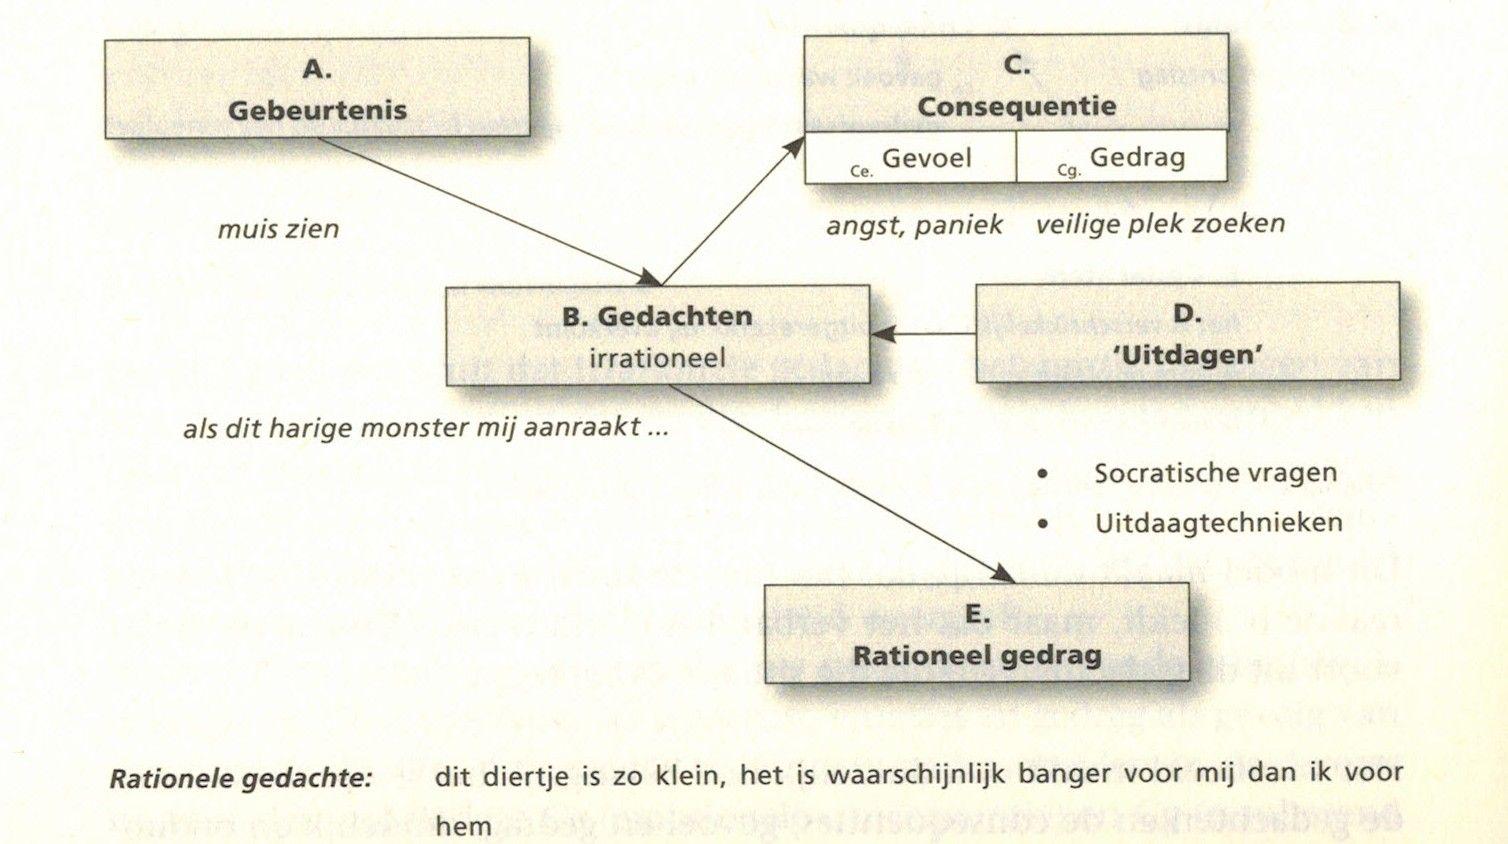 Wonderbaarlijk ABC-model volgens de RET | Cognitieve gedragstherapie AS-75